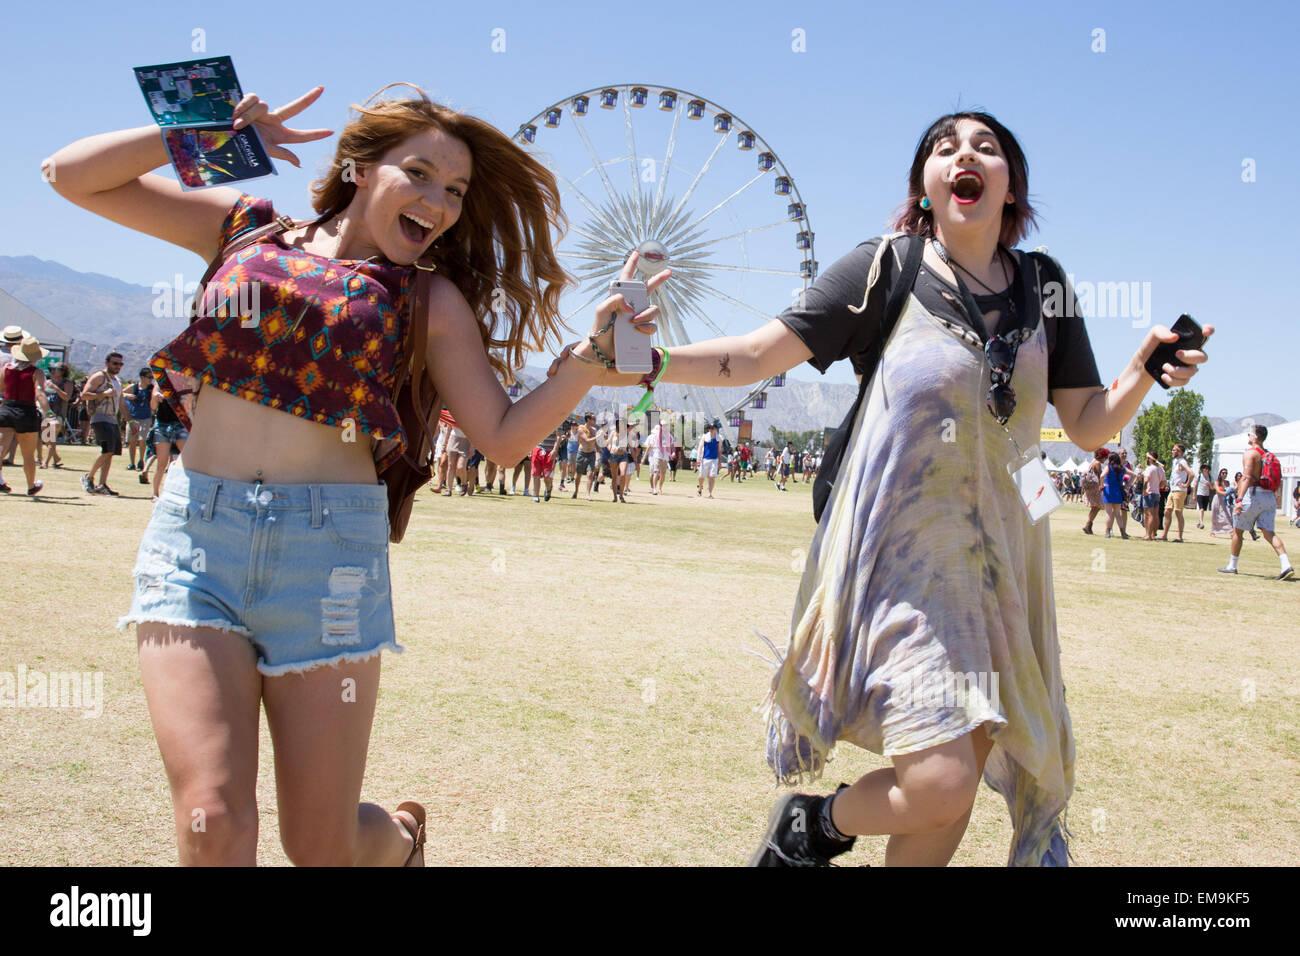 Indio, Kalifornien, USA. 17. April 2015. Fans strömen in das Gelände während der drei Tage des Coachella Stockbild